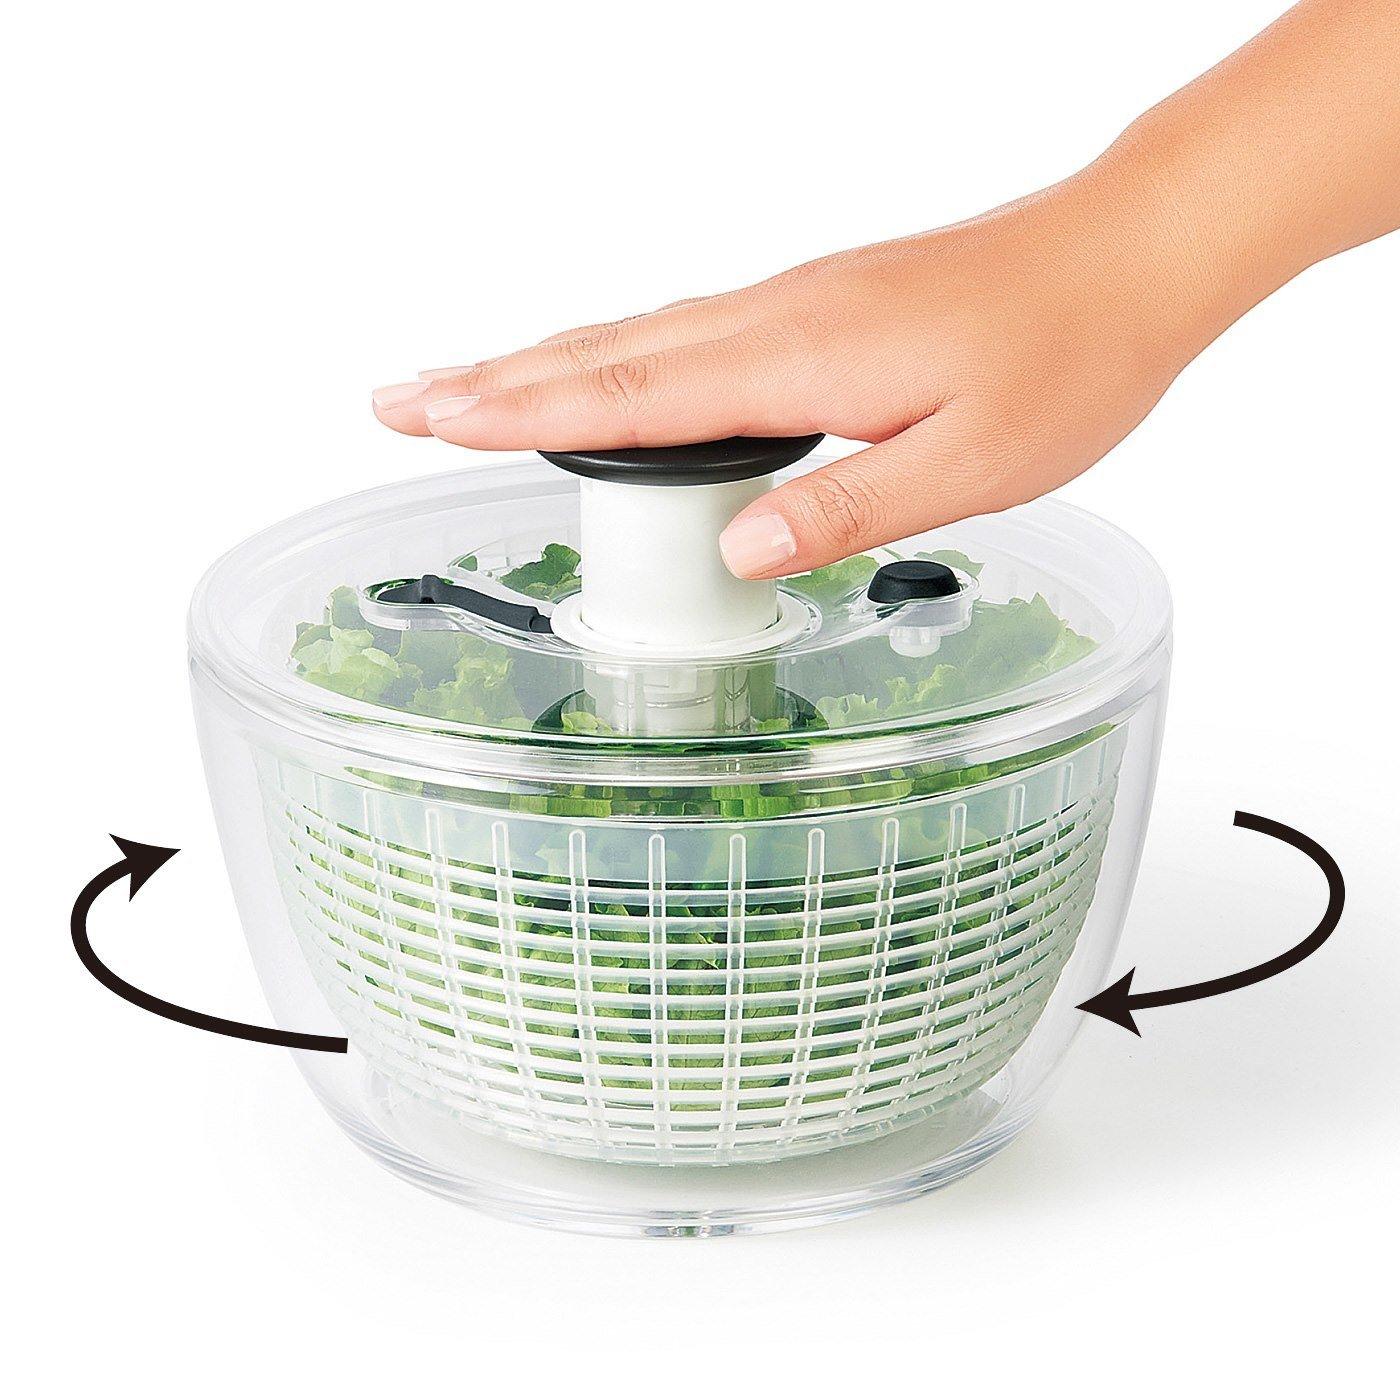 押すだけで野菜の水がしっかりきれる OXOサラダスピナー